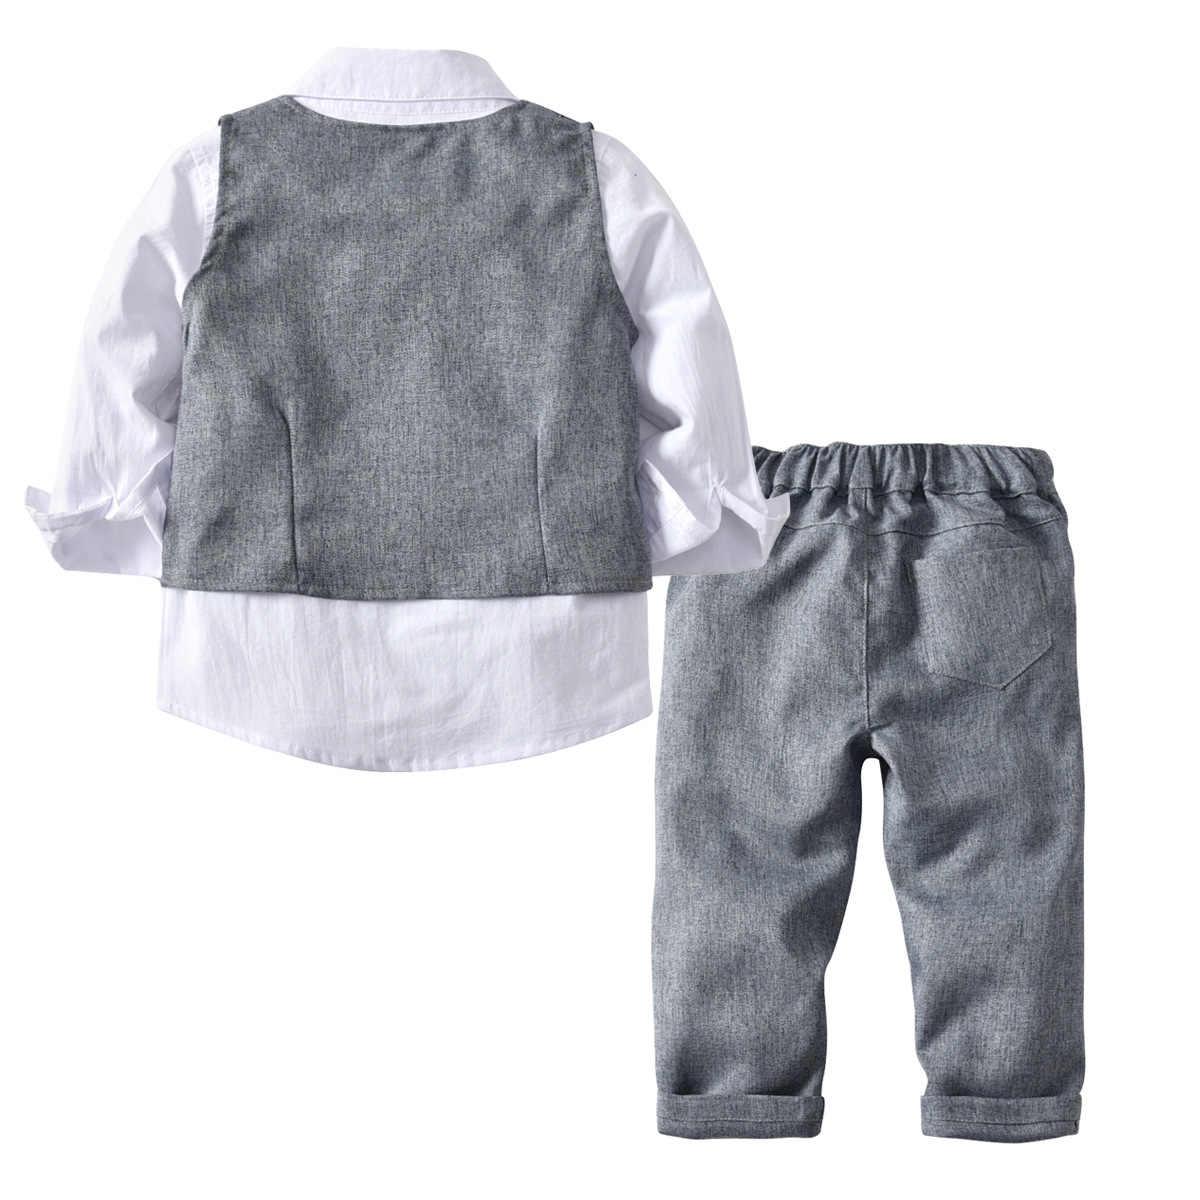 子供たちはブレザーの 2019 秋の男の赤ちゃんシャツオーバーオールコートネクタイボーイズ結婚式のための正式なパーティーの子供服